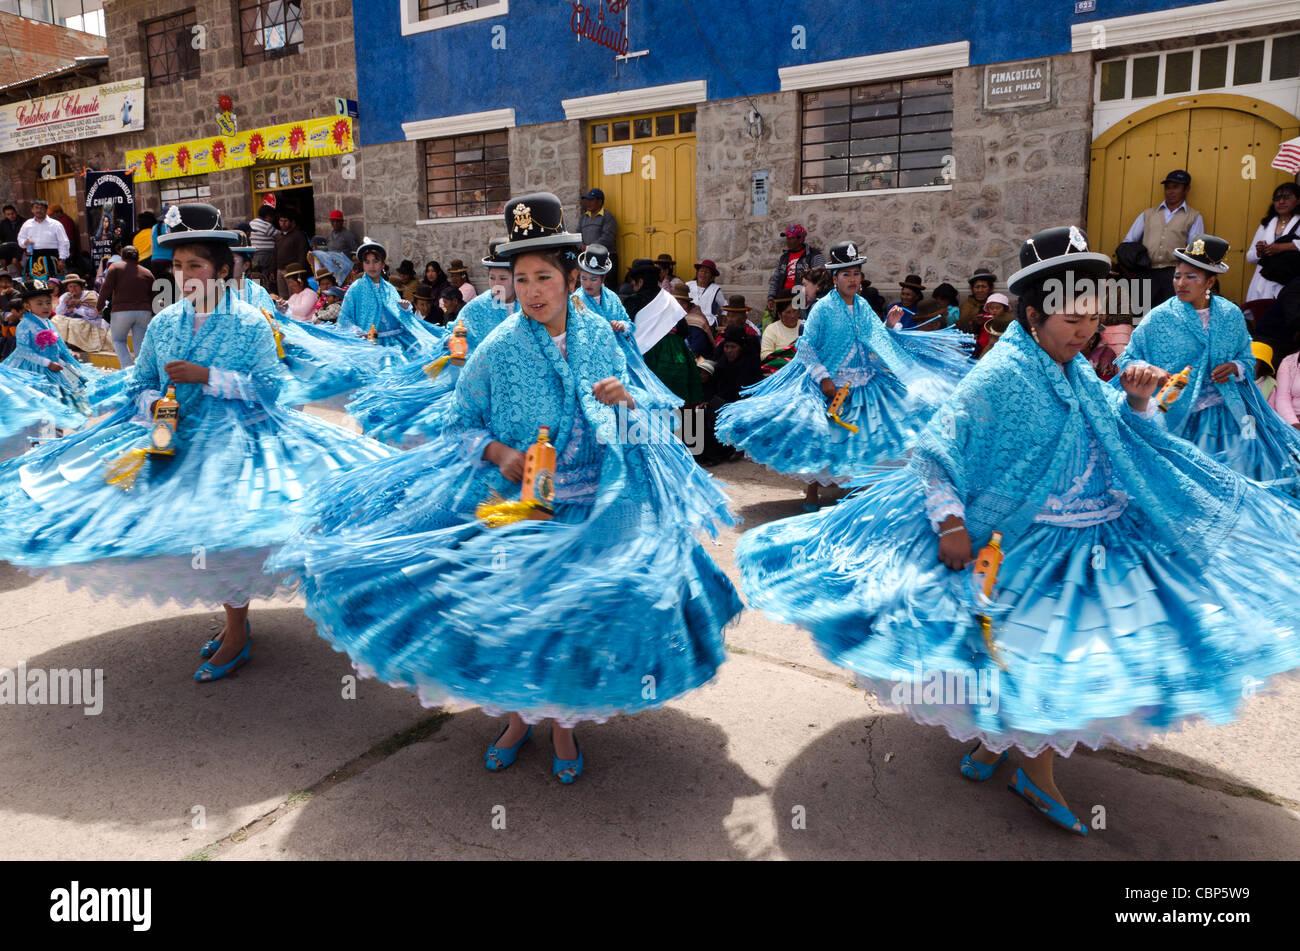 Tradizionale peruviano ballerini al Fiesta de Nuestra Señora del Rosario in Chucuito Puno Immagini Stock